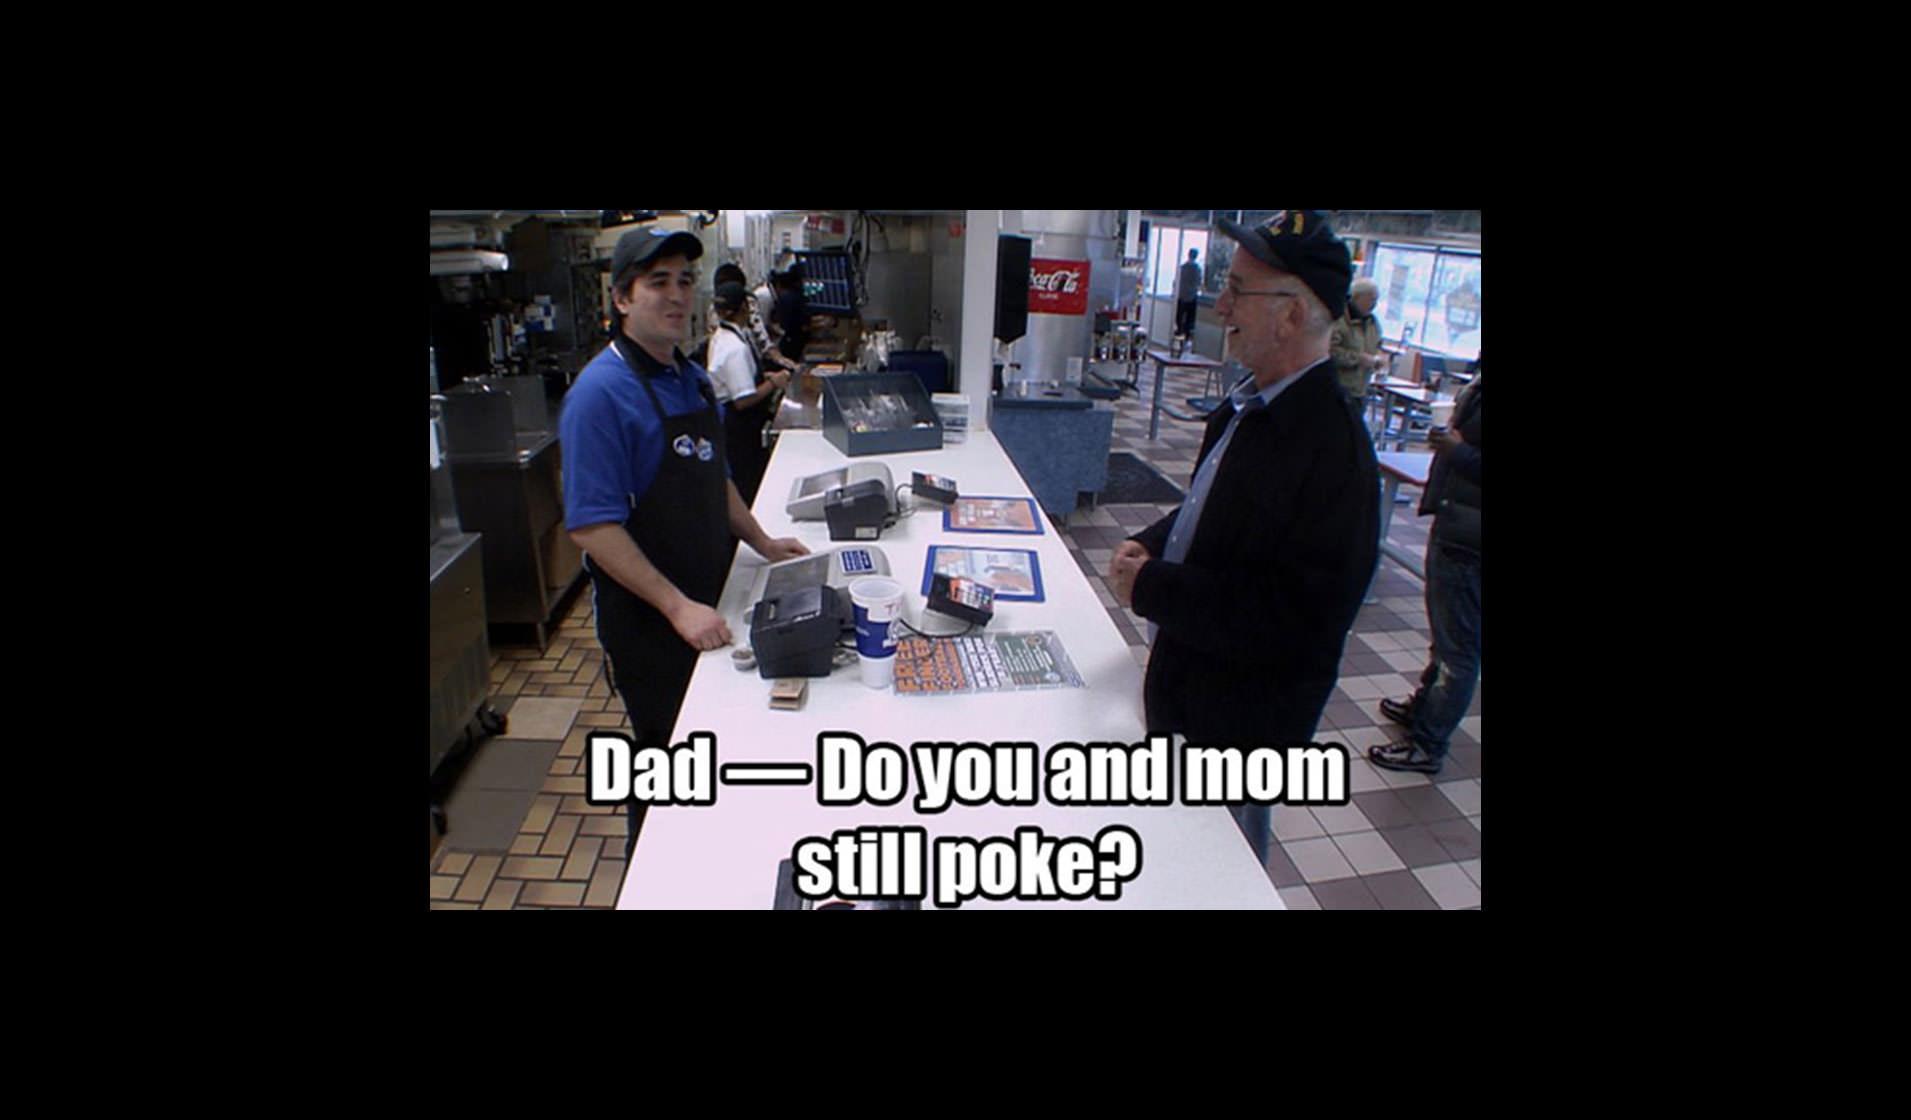 Poke or No Poke?